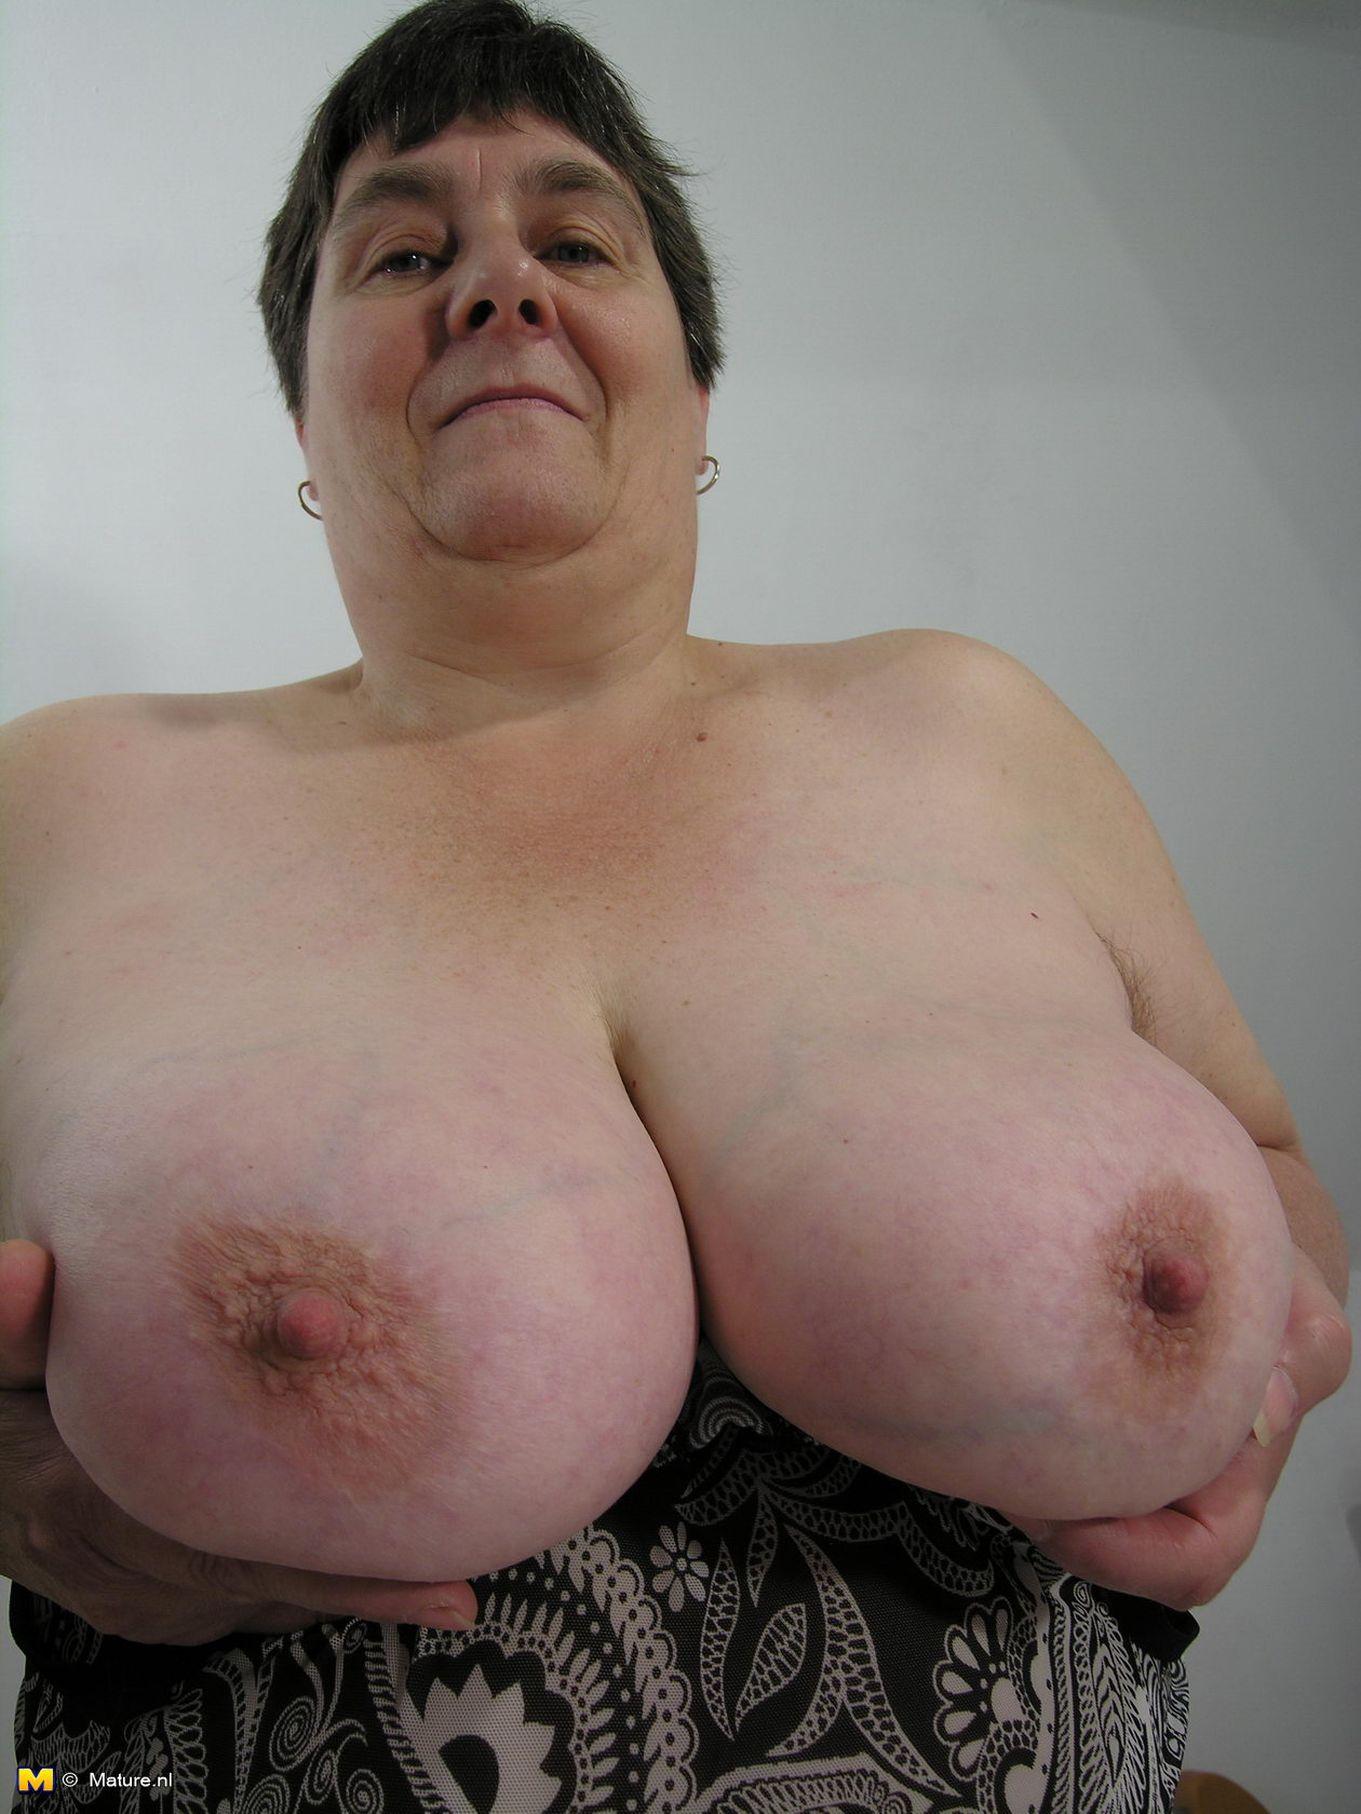 Big tit granny porn videos